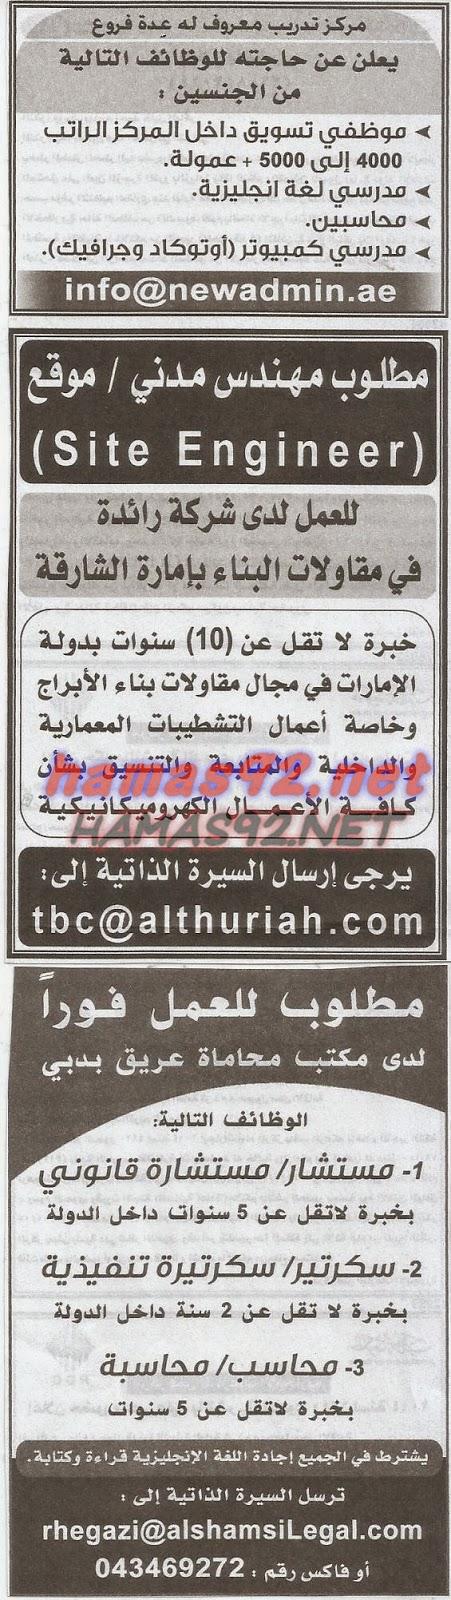 وظائف خاليه فى الامارات وظائف جريدة الخليج الخميس 18 12 2014 Words Word Search Puzzle